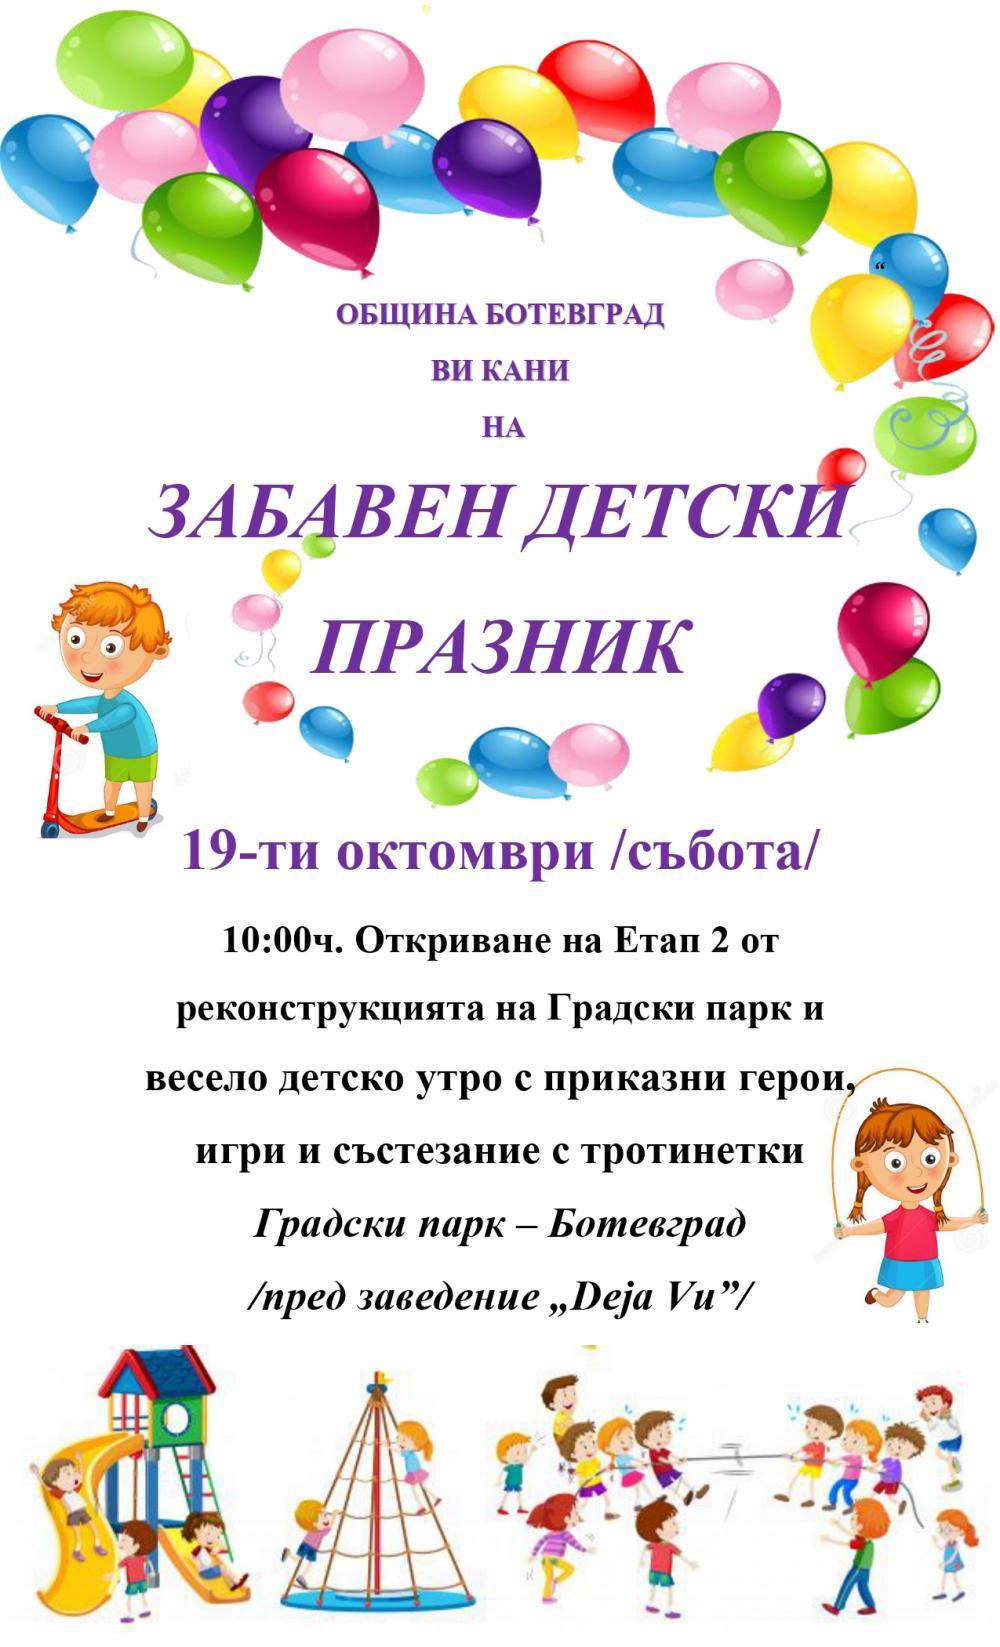 Детски празник по повод завършването на Етап 2 от реконструкцията на Градския парк